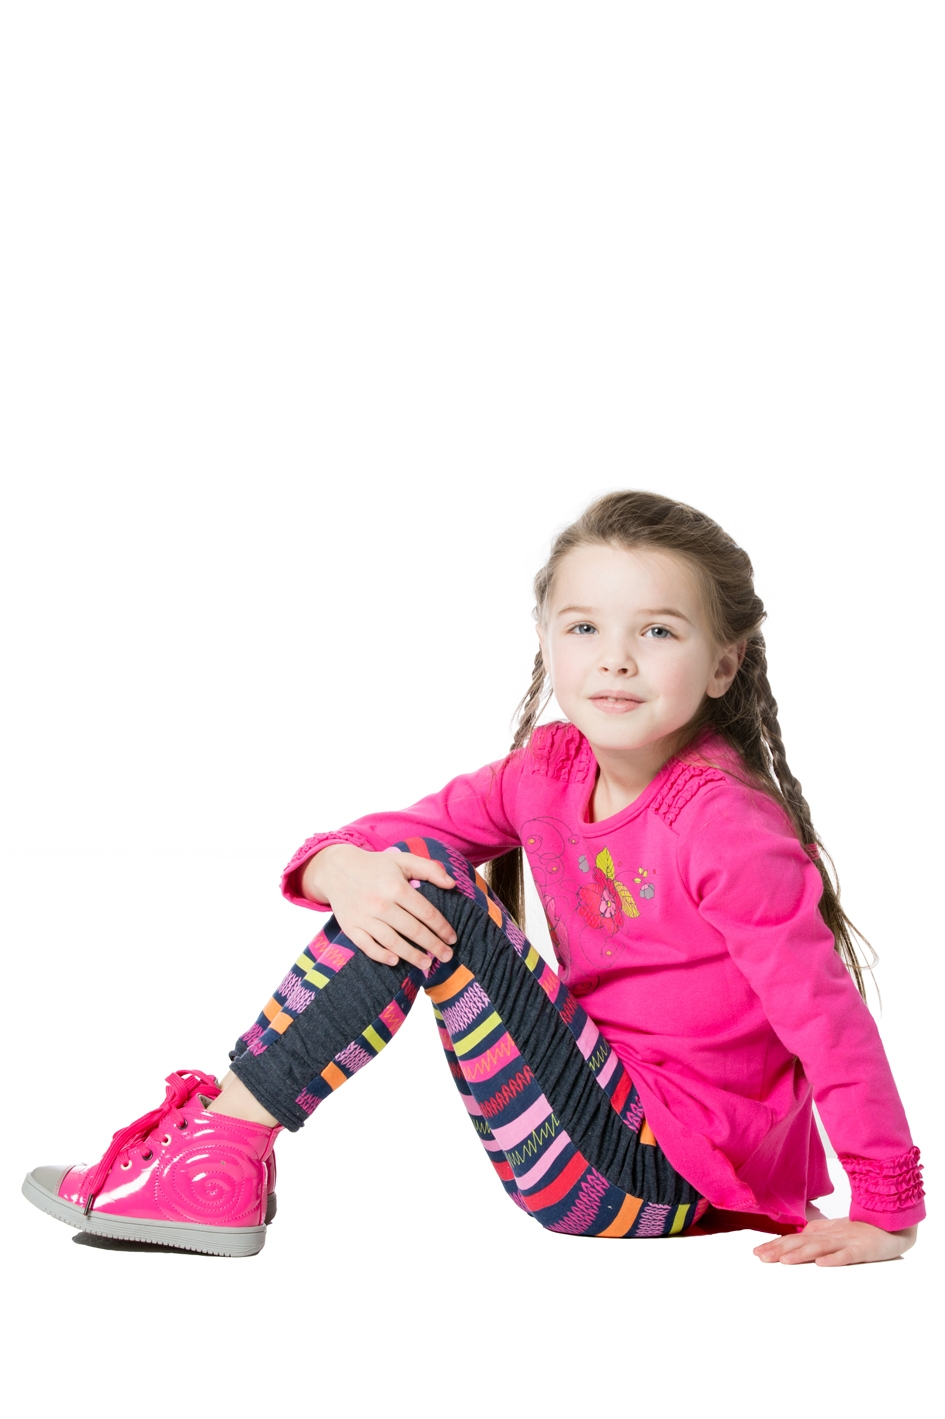 بالصور صور ملابس اطفال , اطفالك الاجمل فى هذه الملابس 475 13